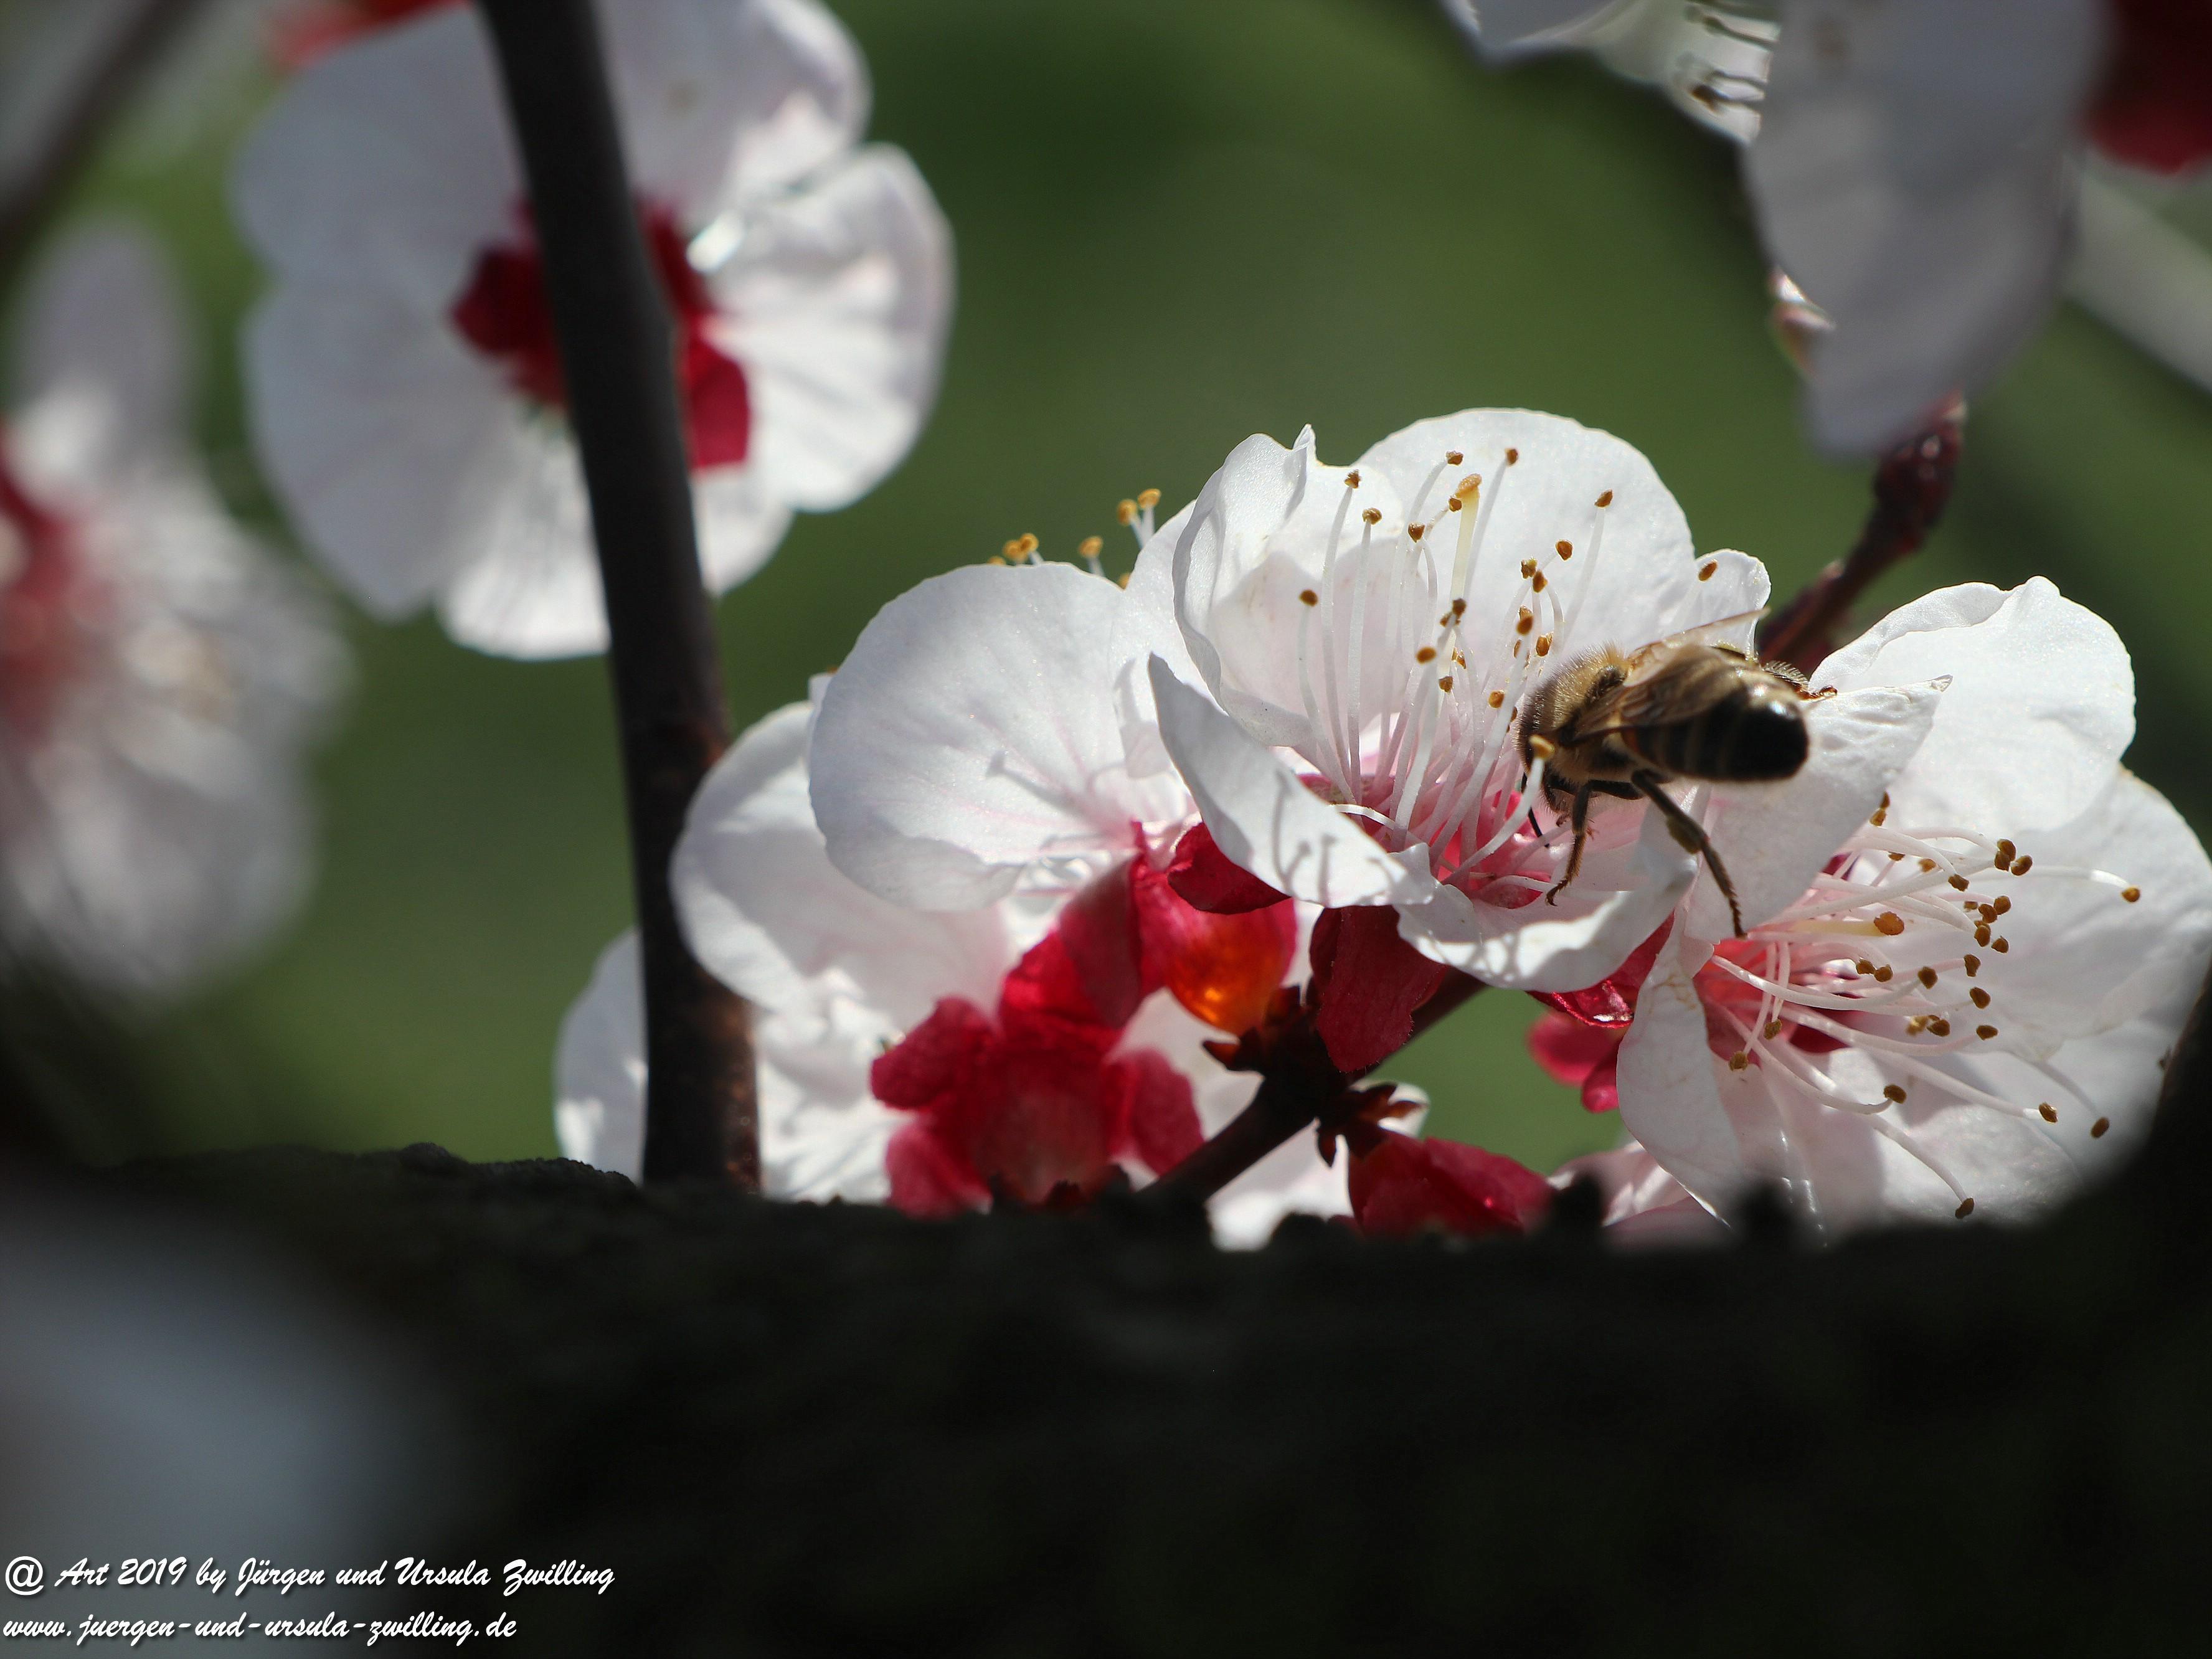 Aprikosenblüten 21